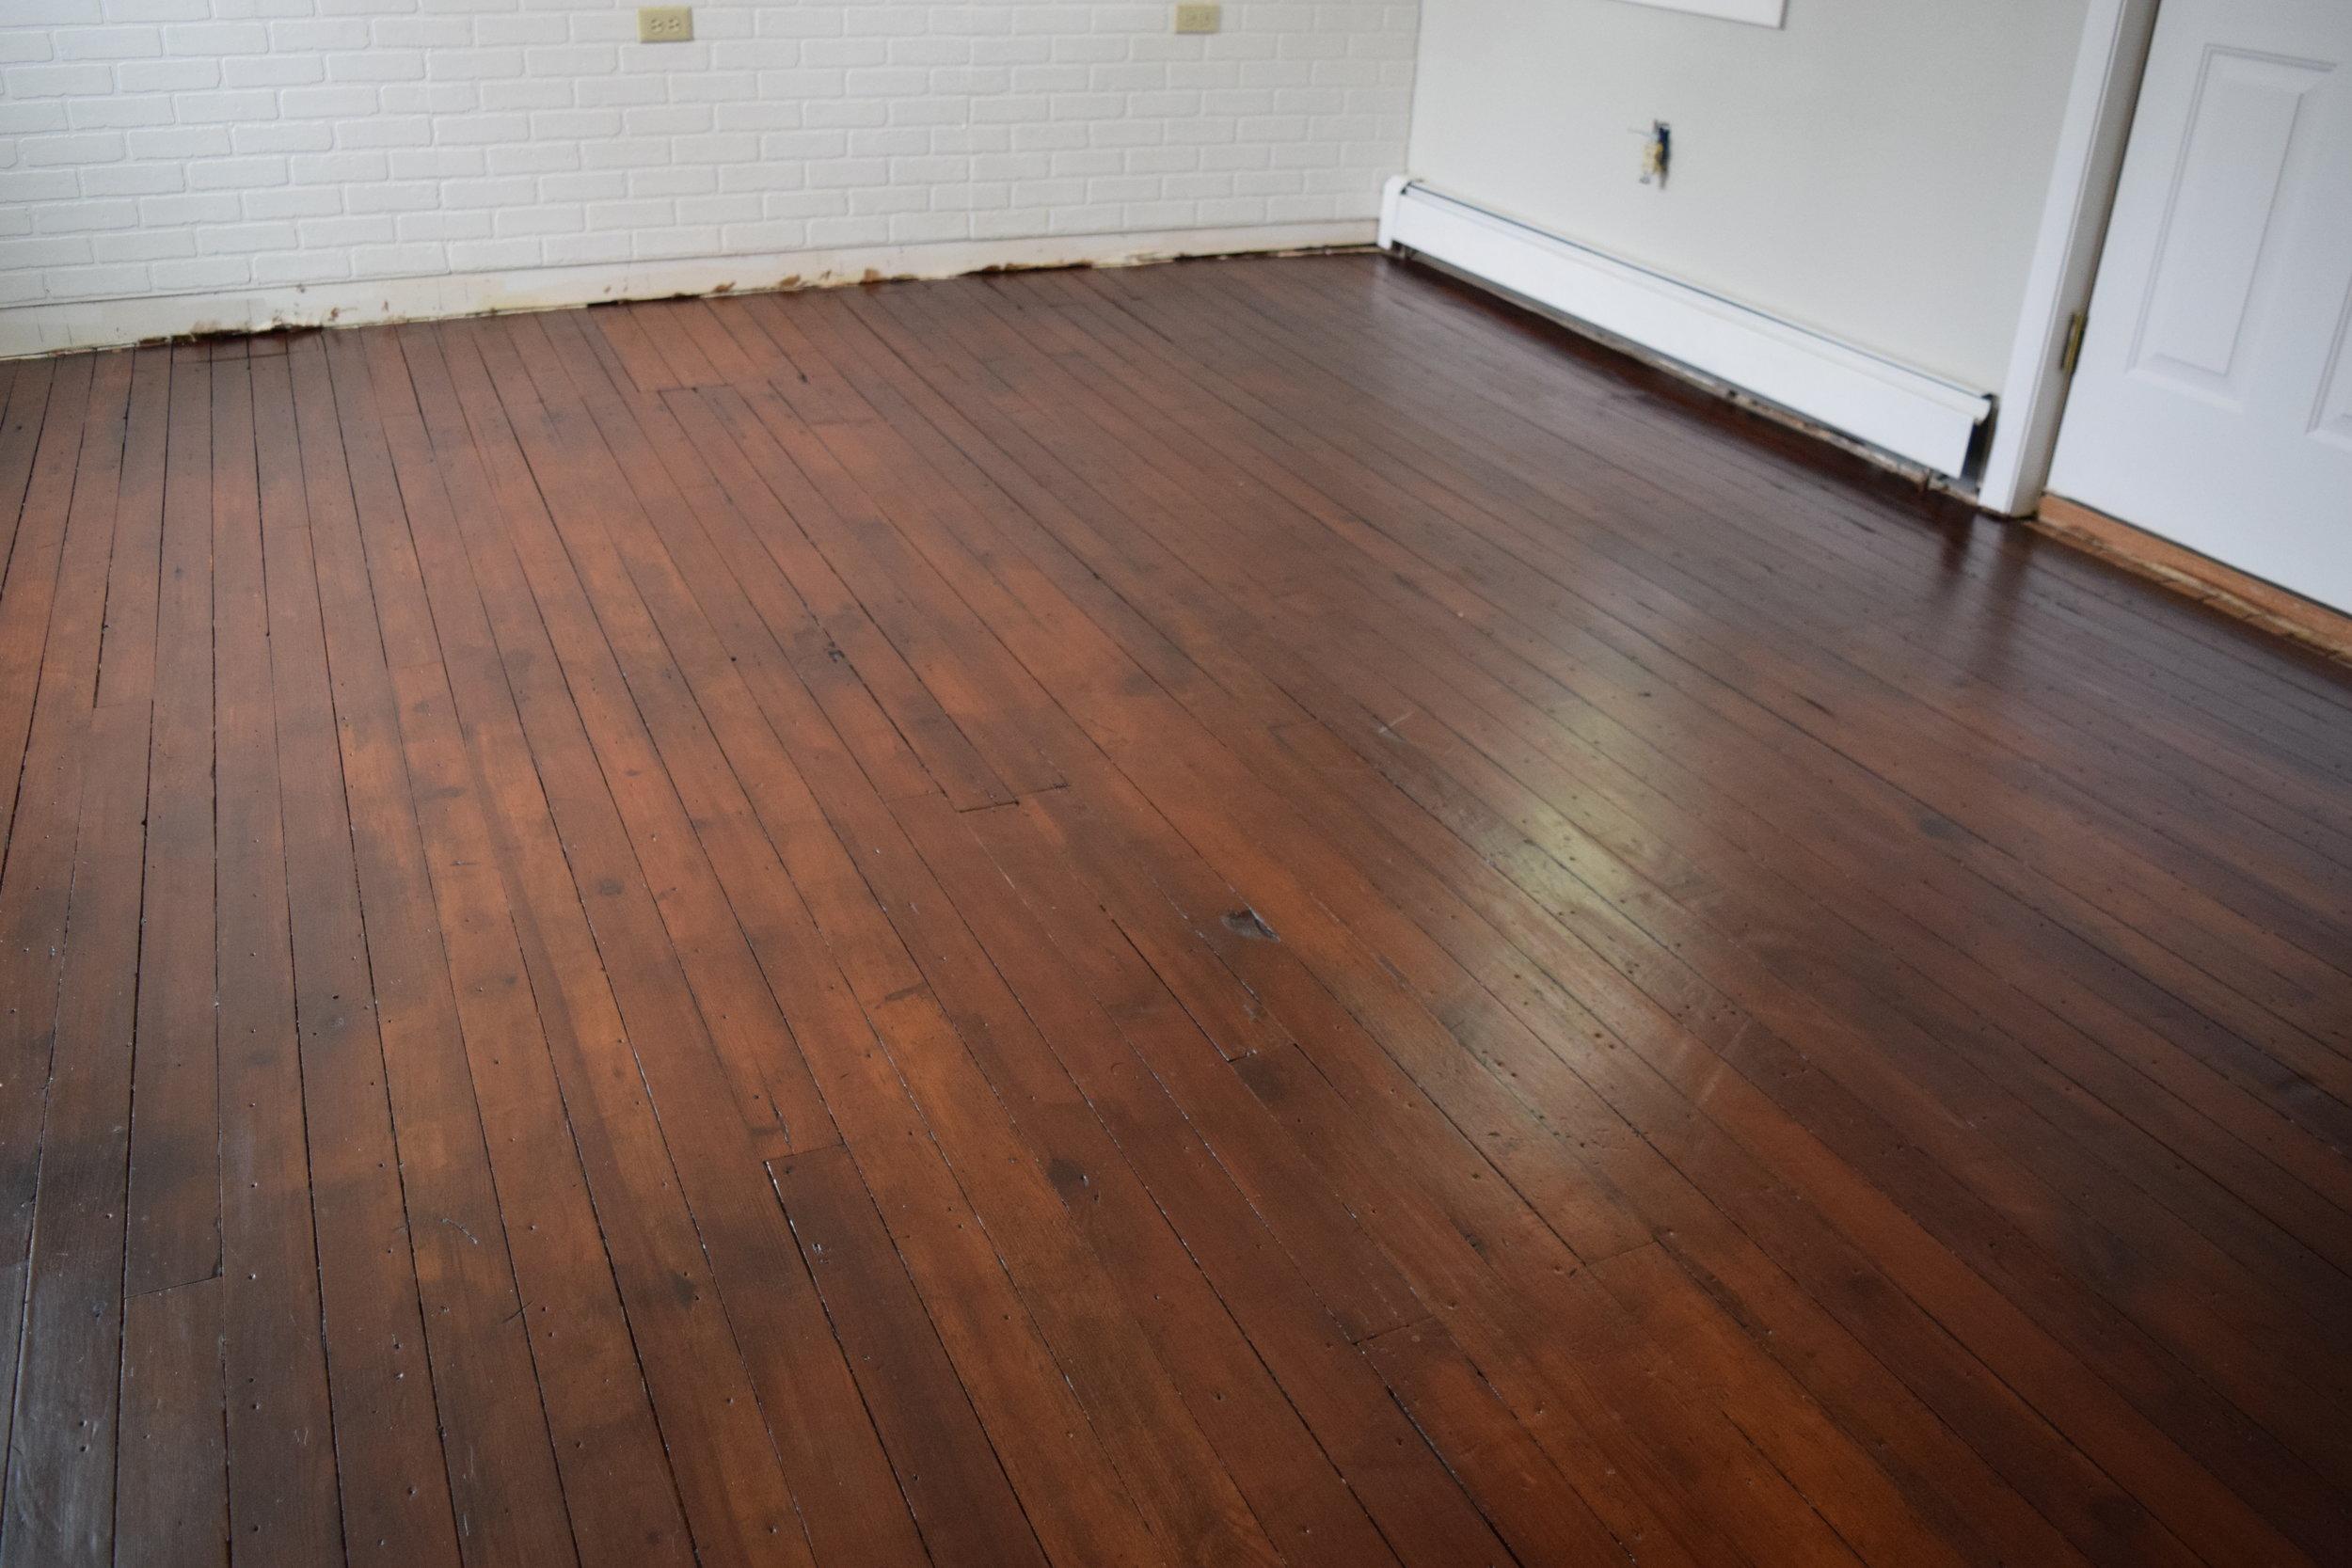 Refinishing Original Yellow Pine Floors